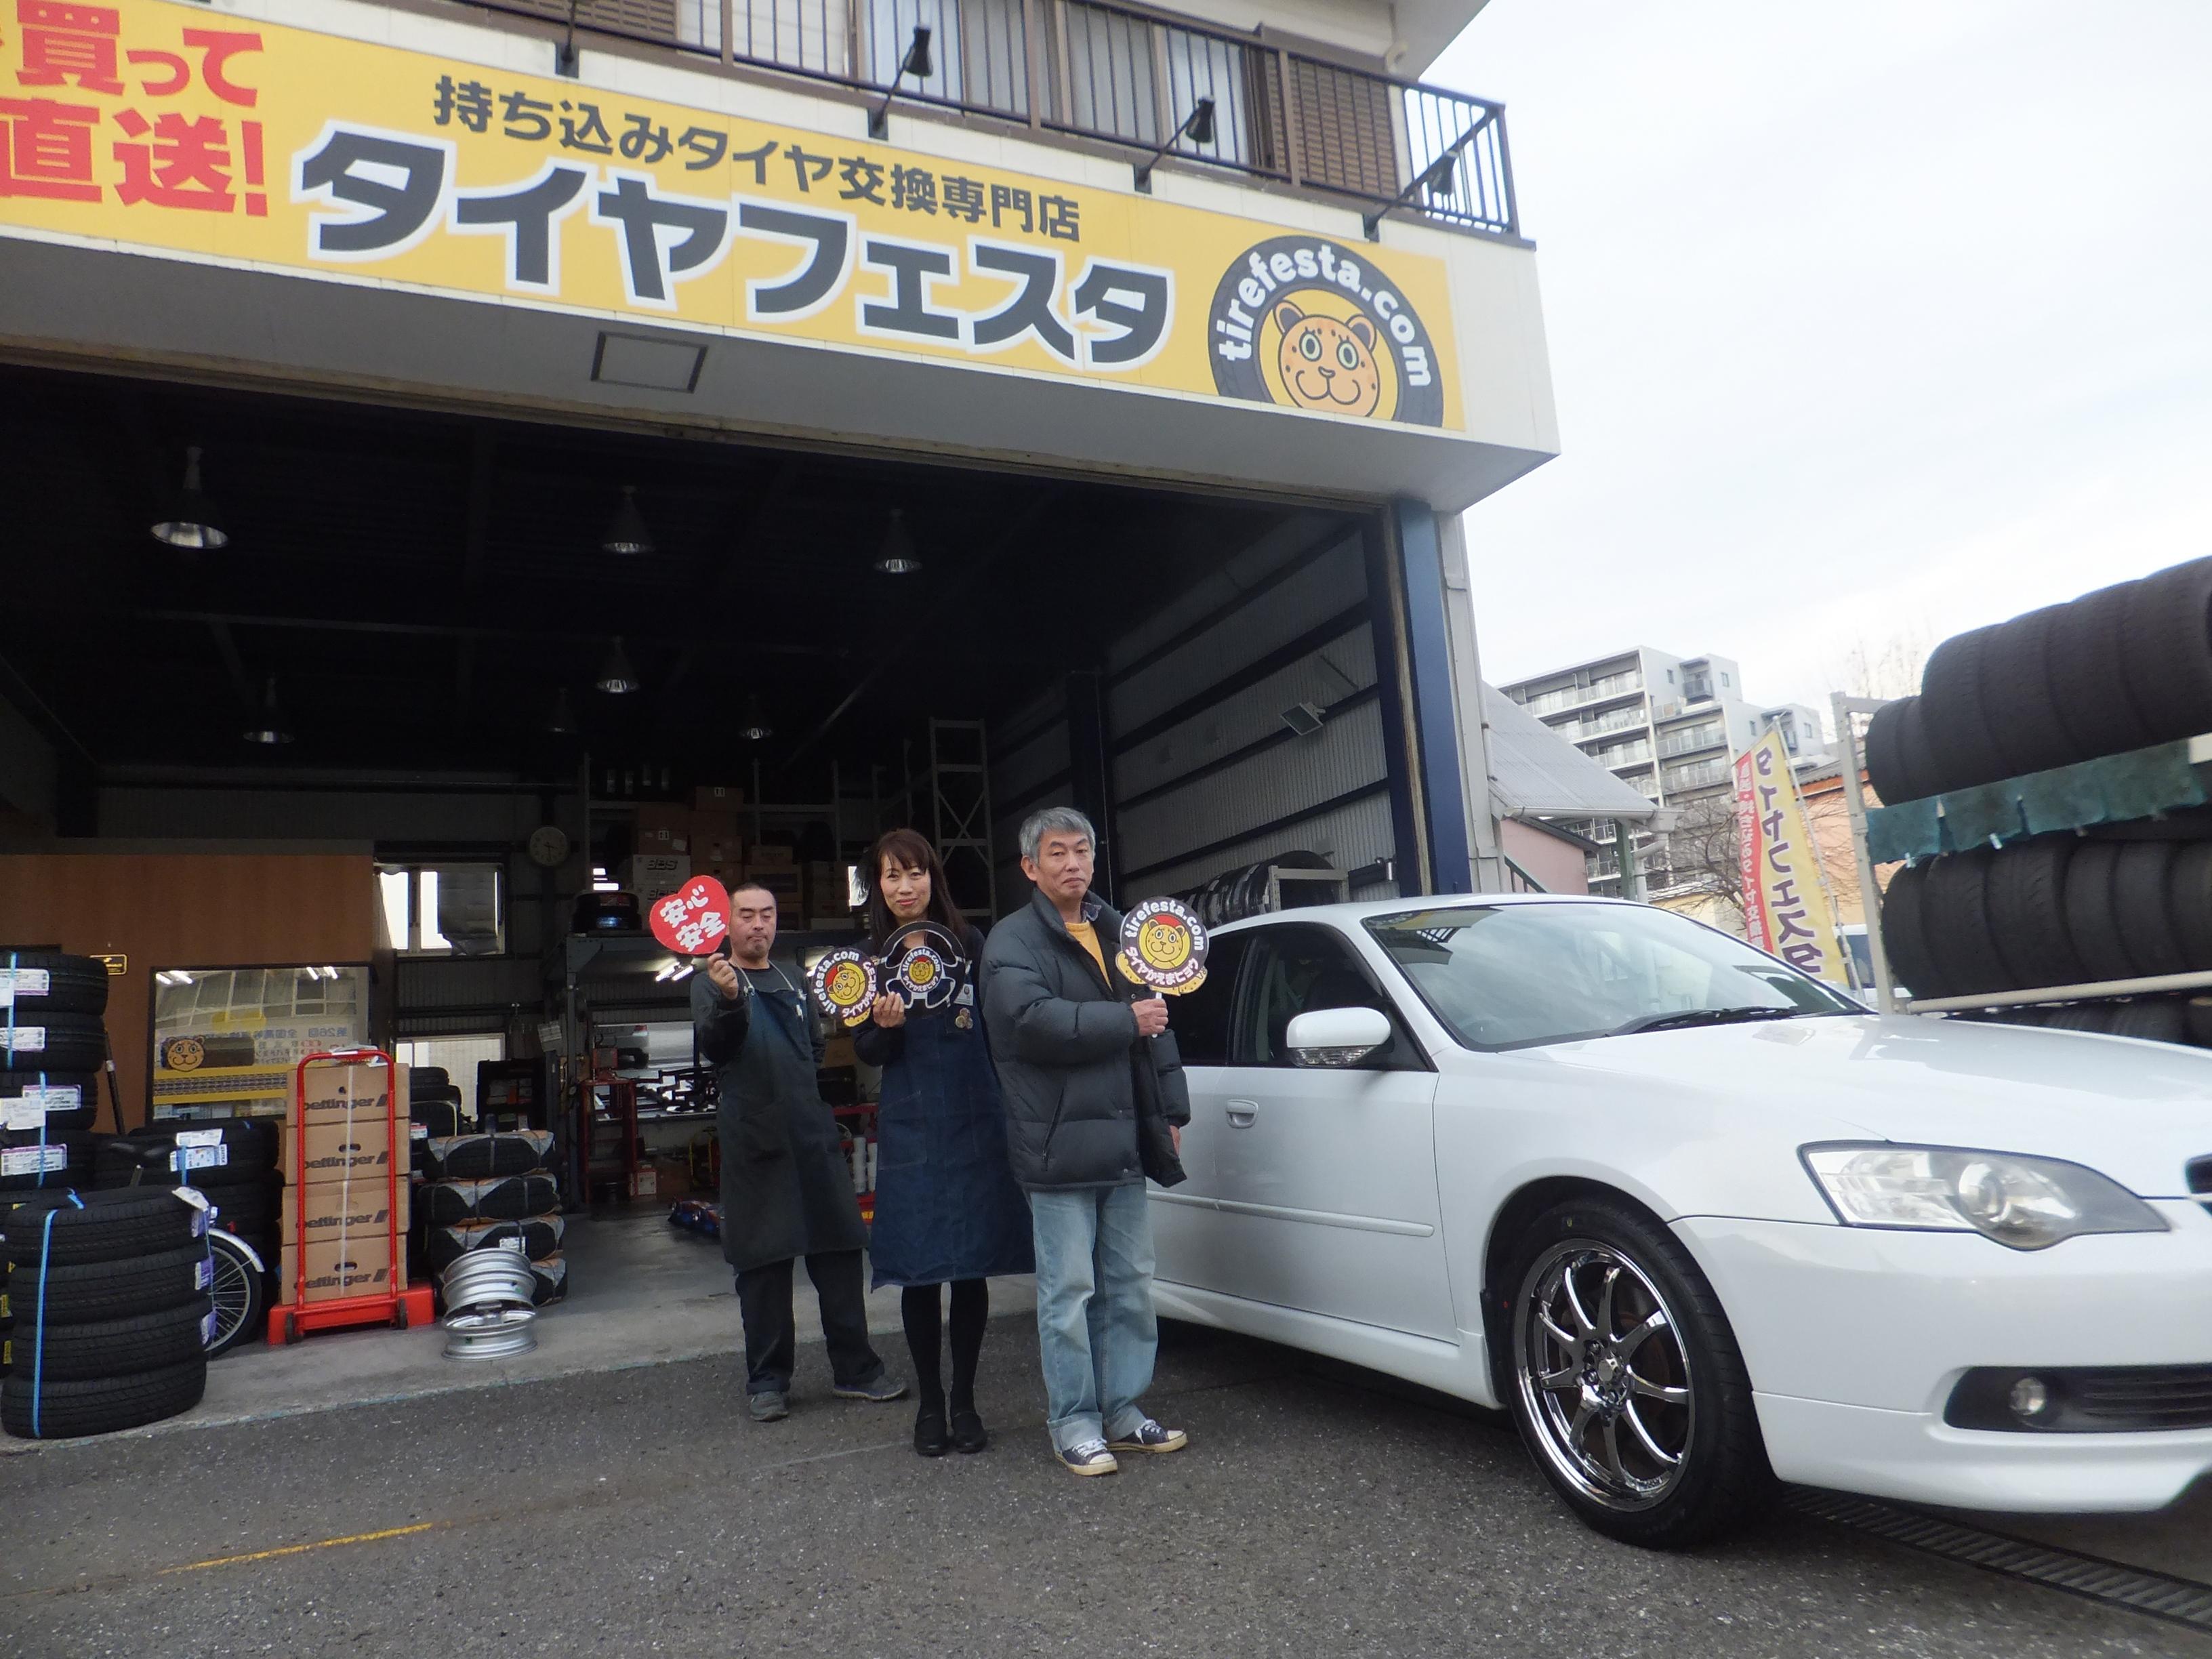 戸塚区K様 スバルレガシー 「ネット購入で約半額!!」スタッフとパチリ♪